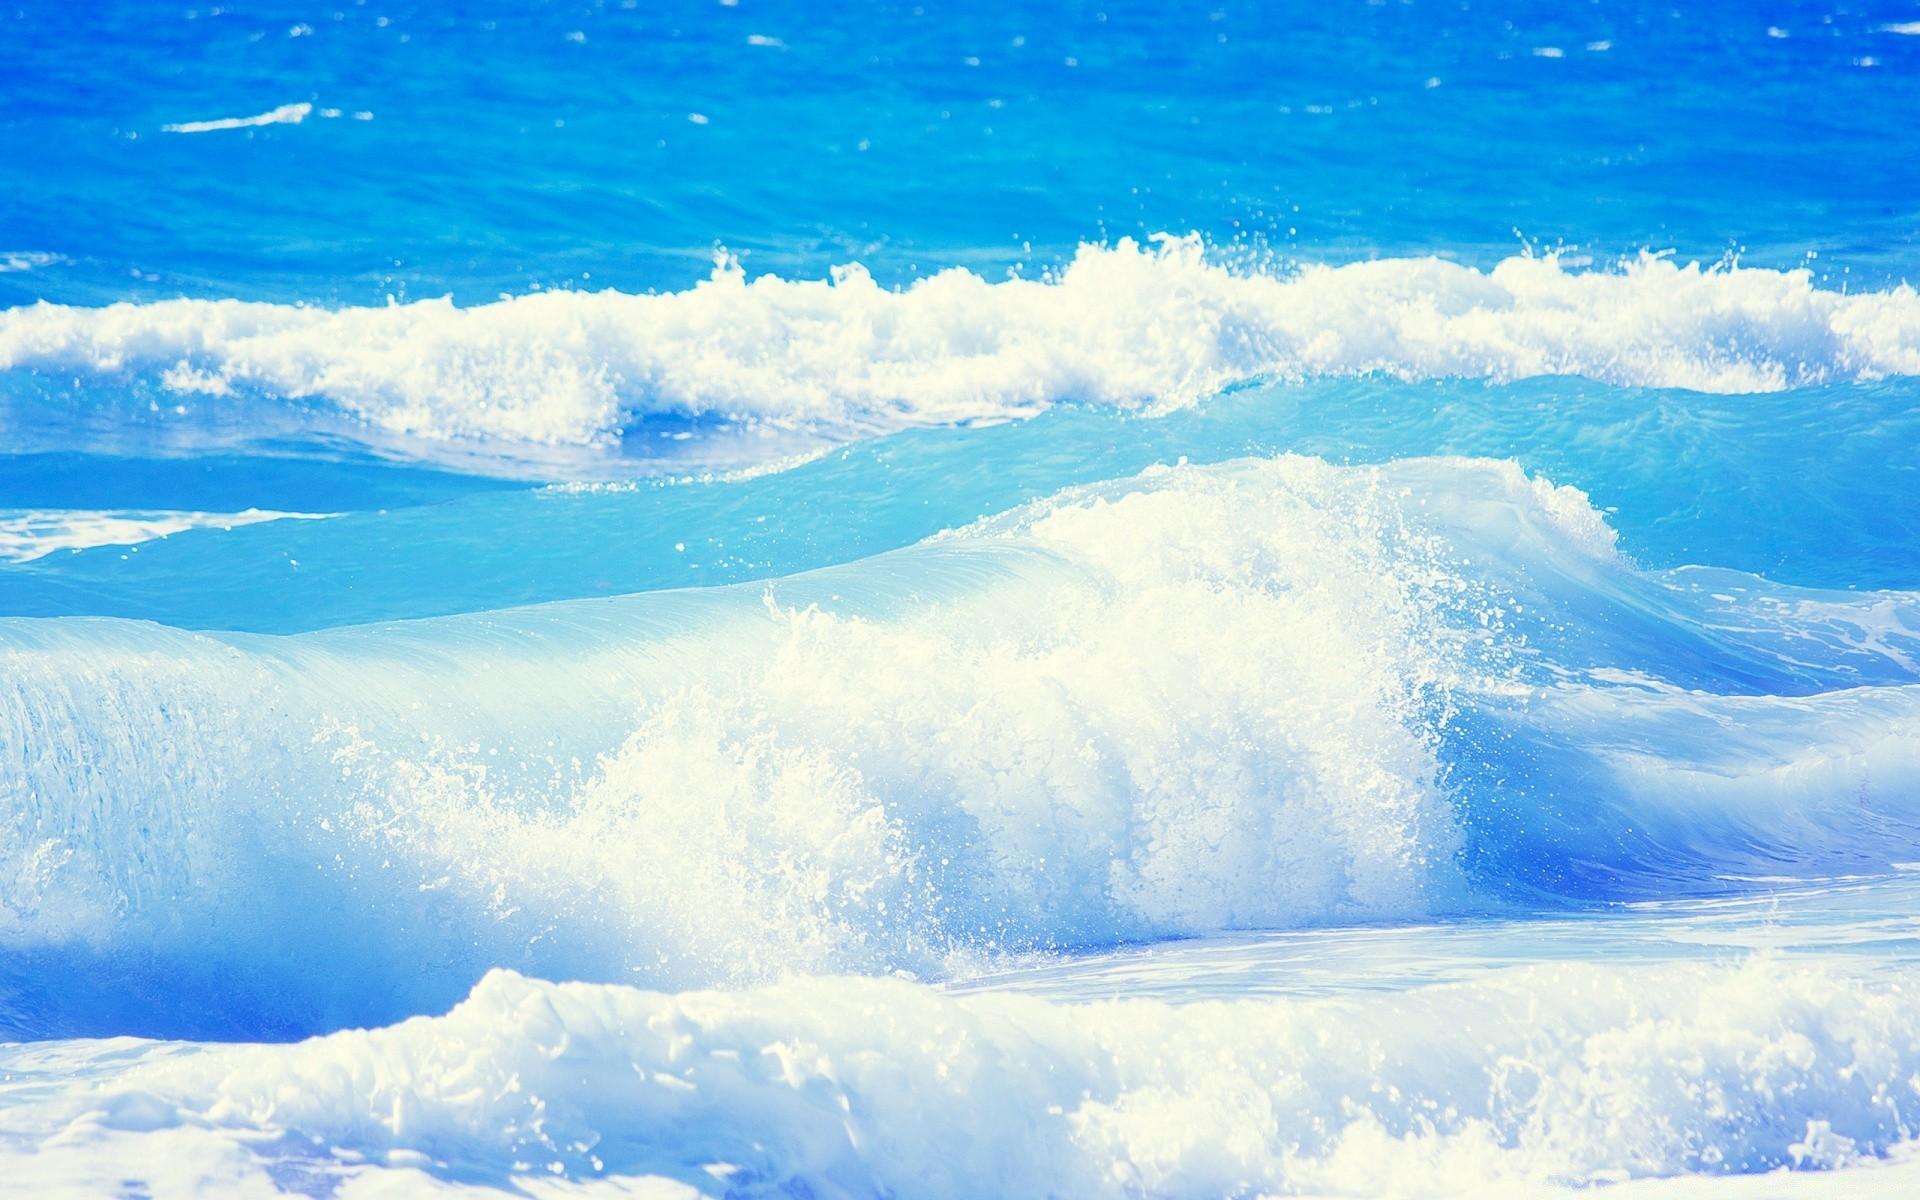 это подарок, картинки на весь экран о море учитывать, что двигатель